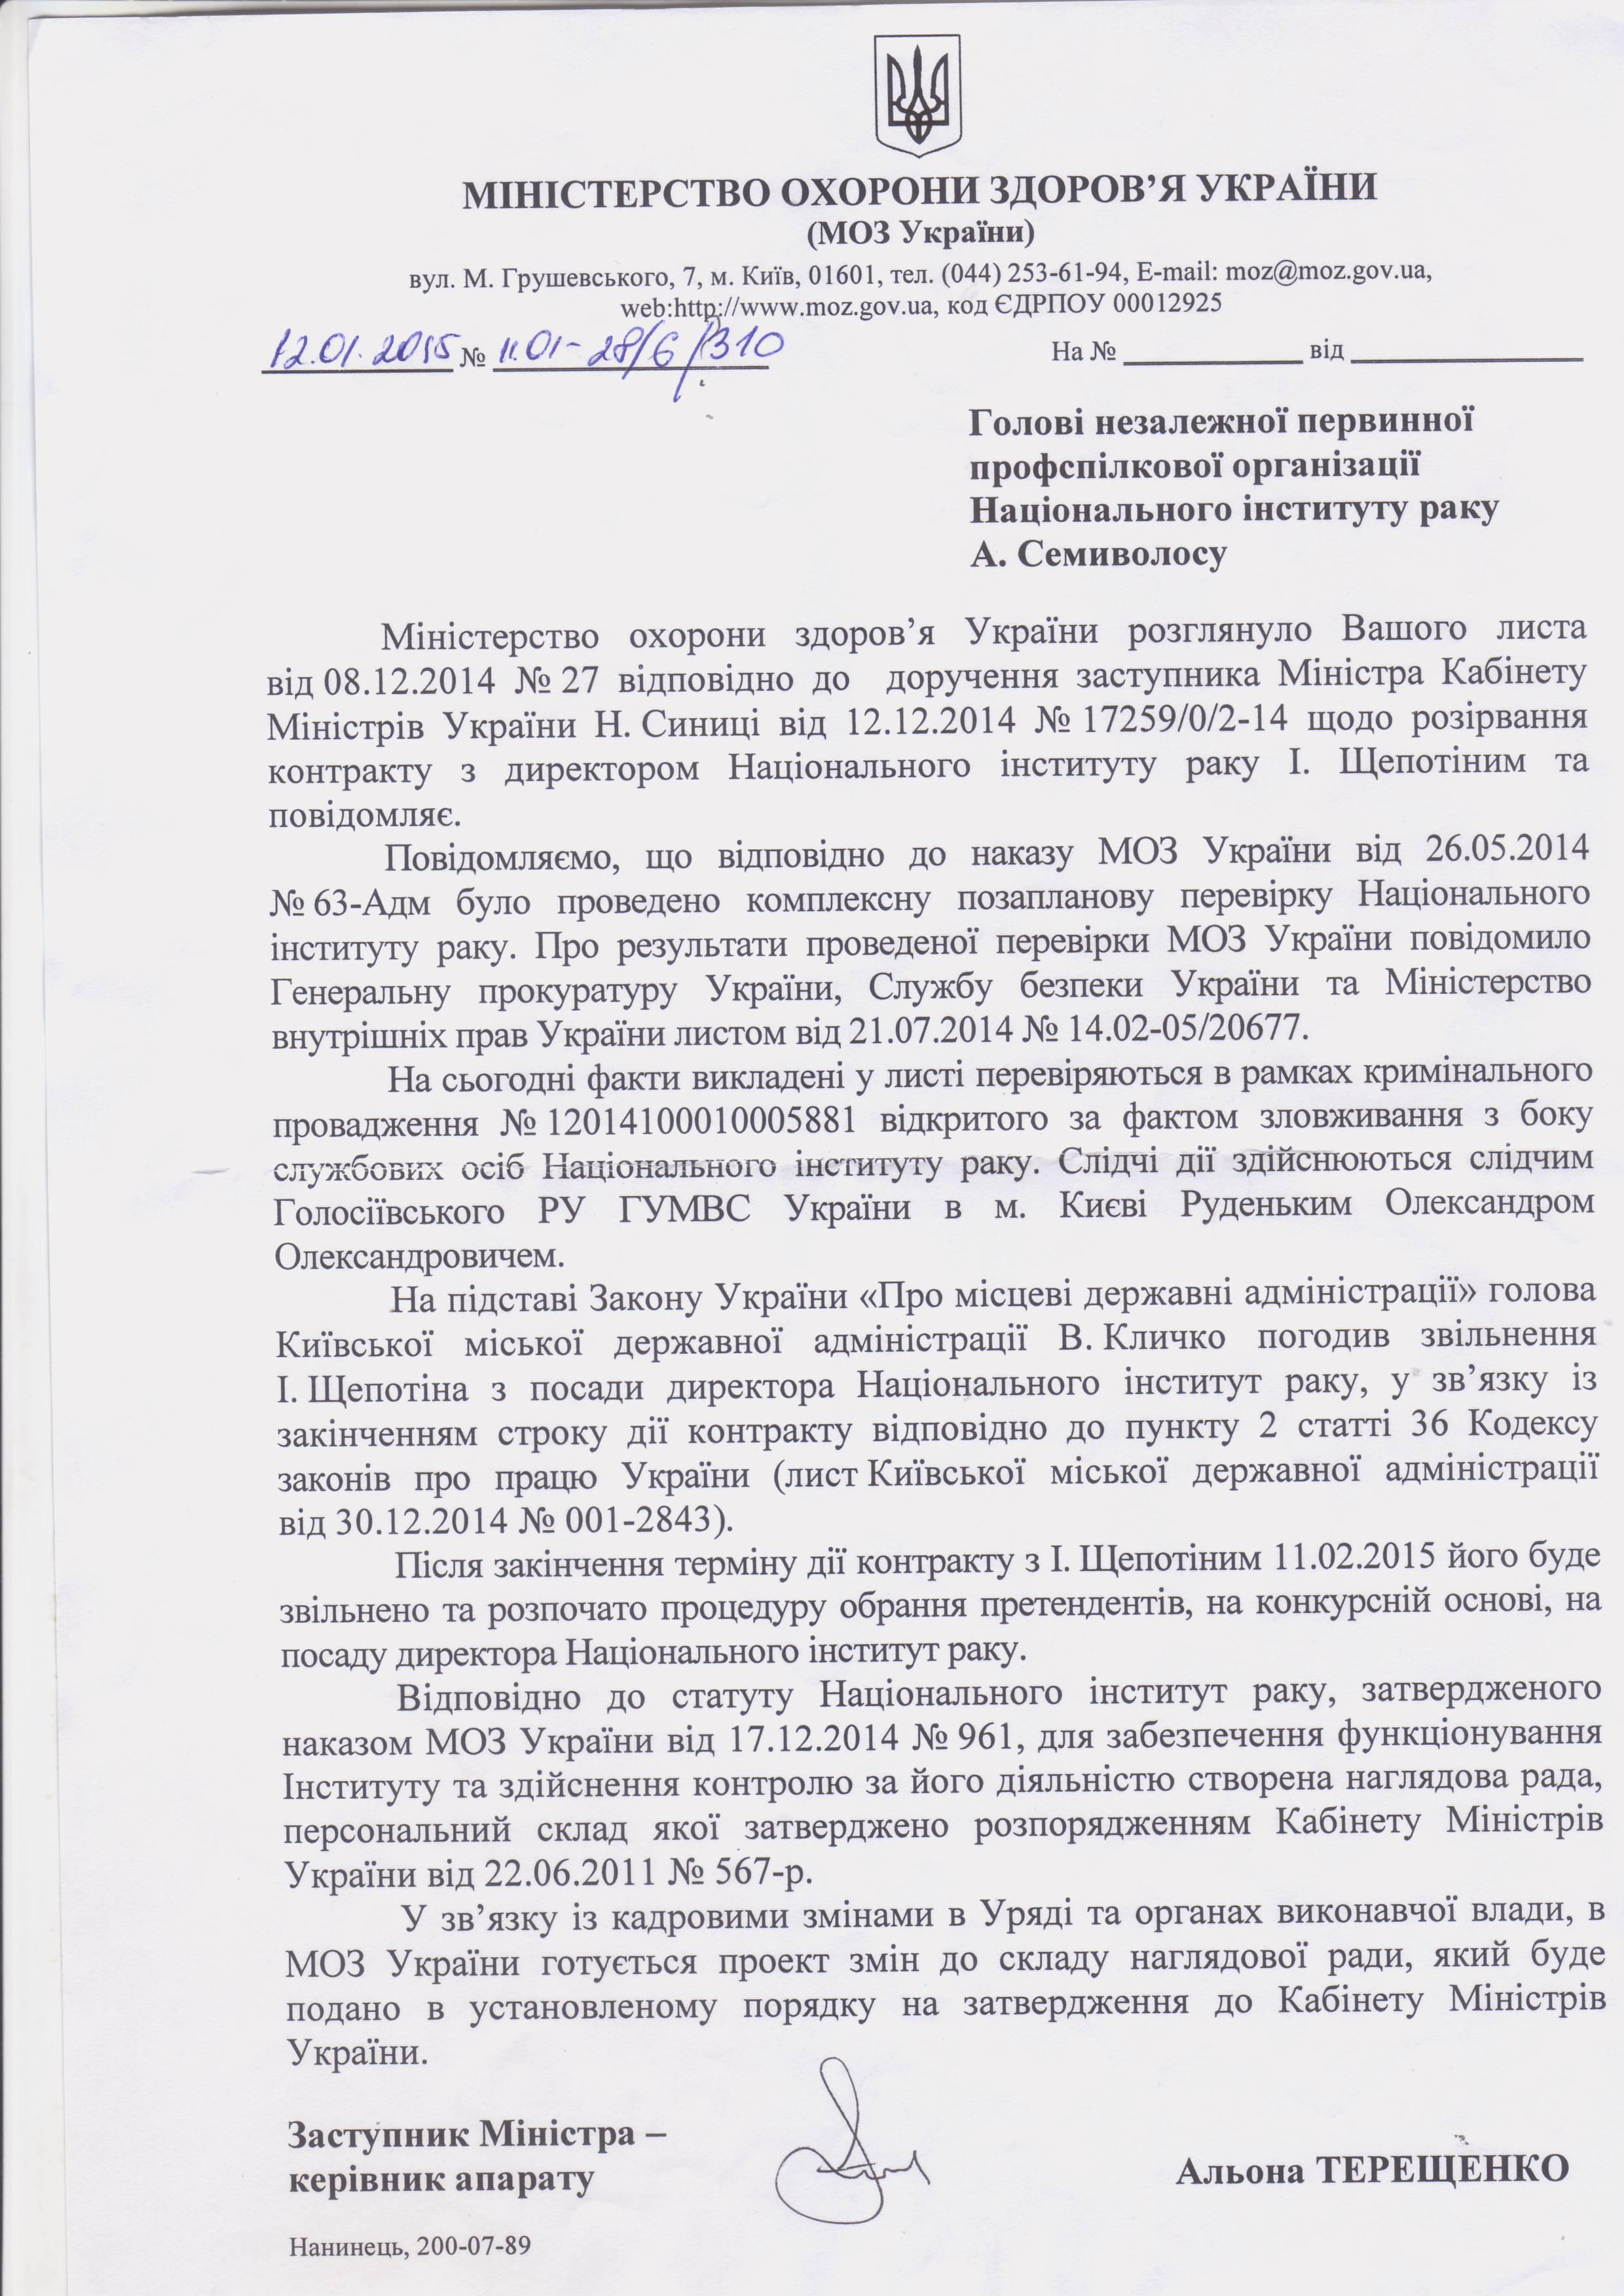 Ответ Терещенко 12.01.15